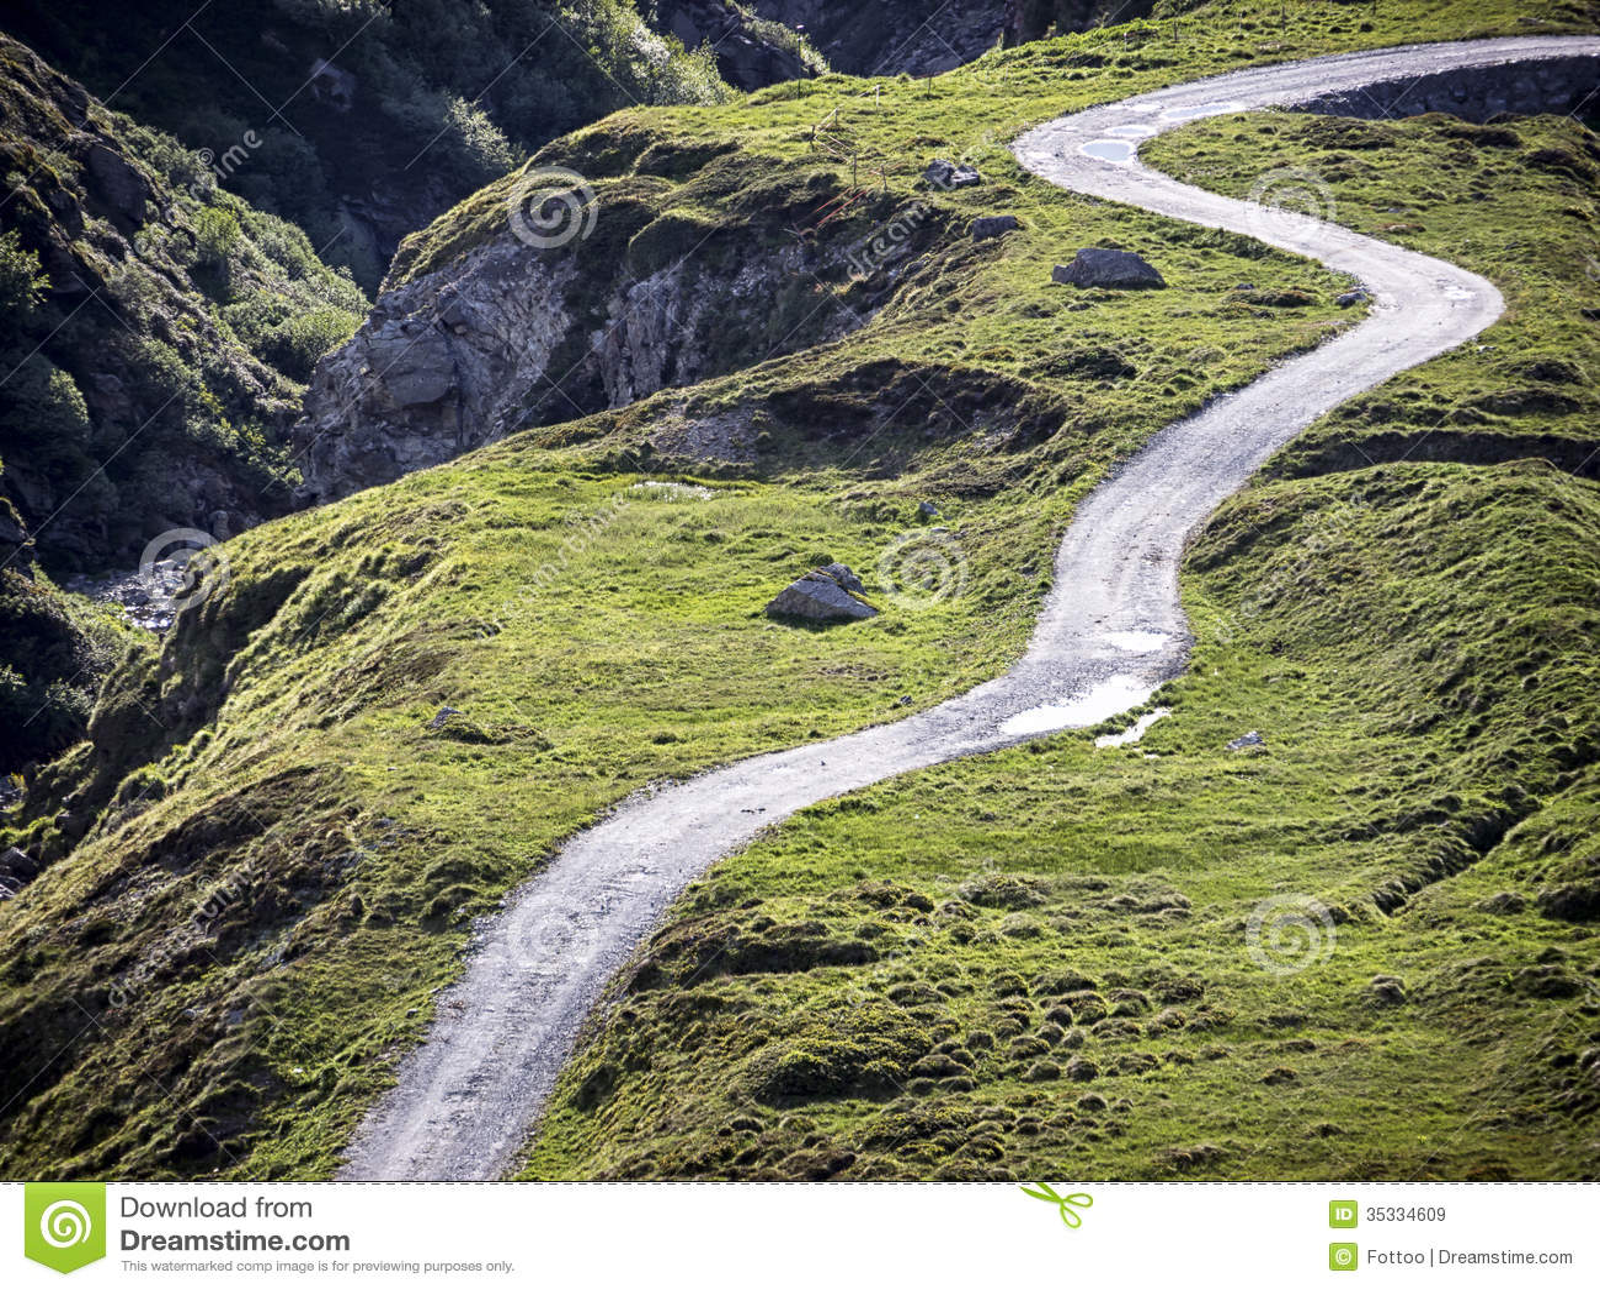 schotterweg stockbild. bild von überholt, berg, straße - 35334609